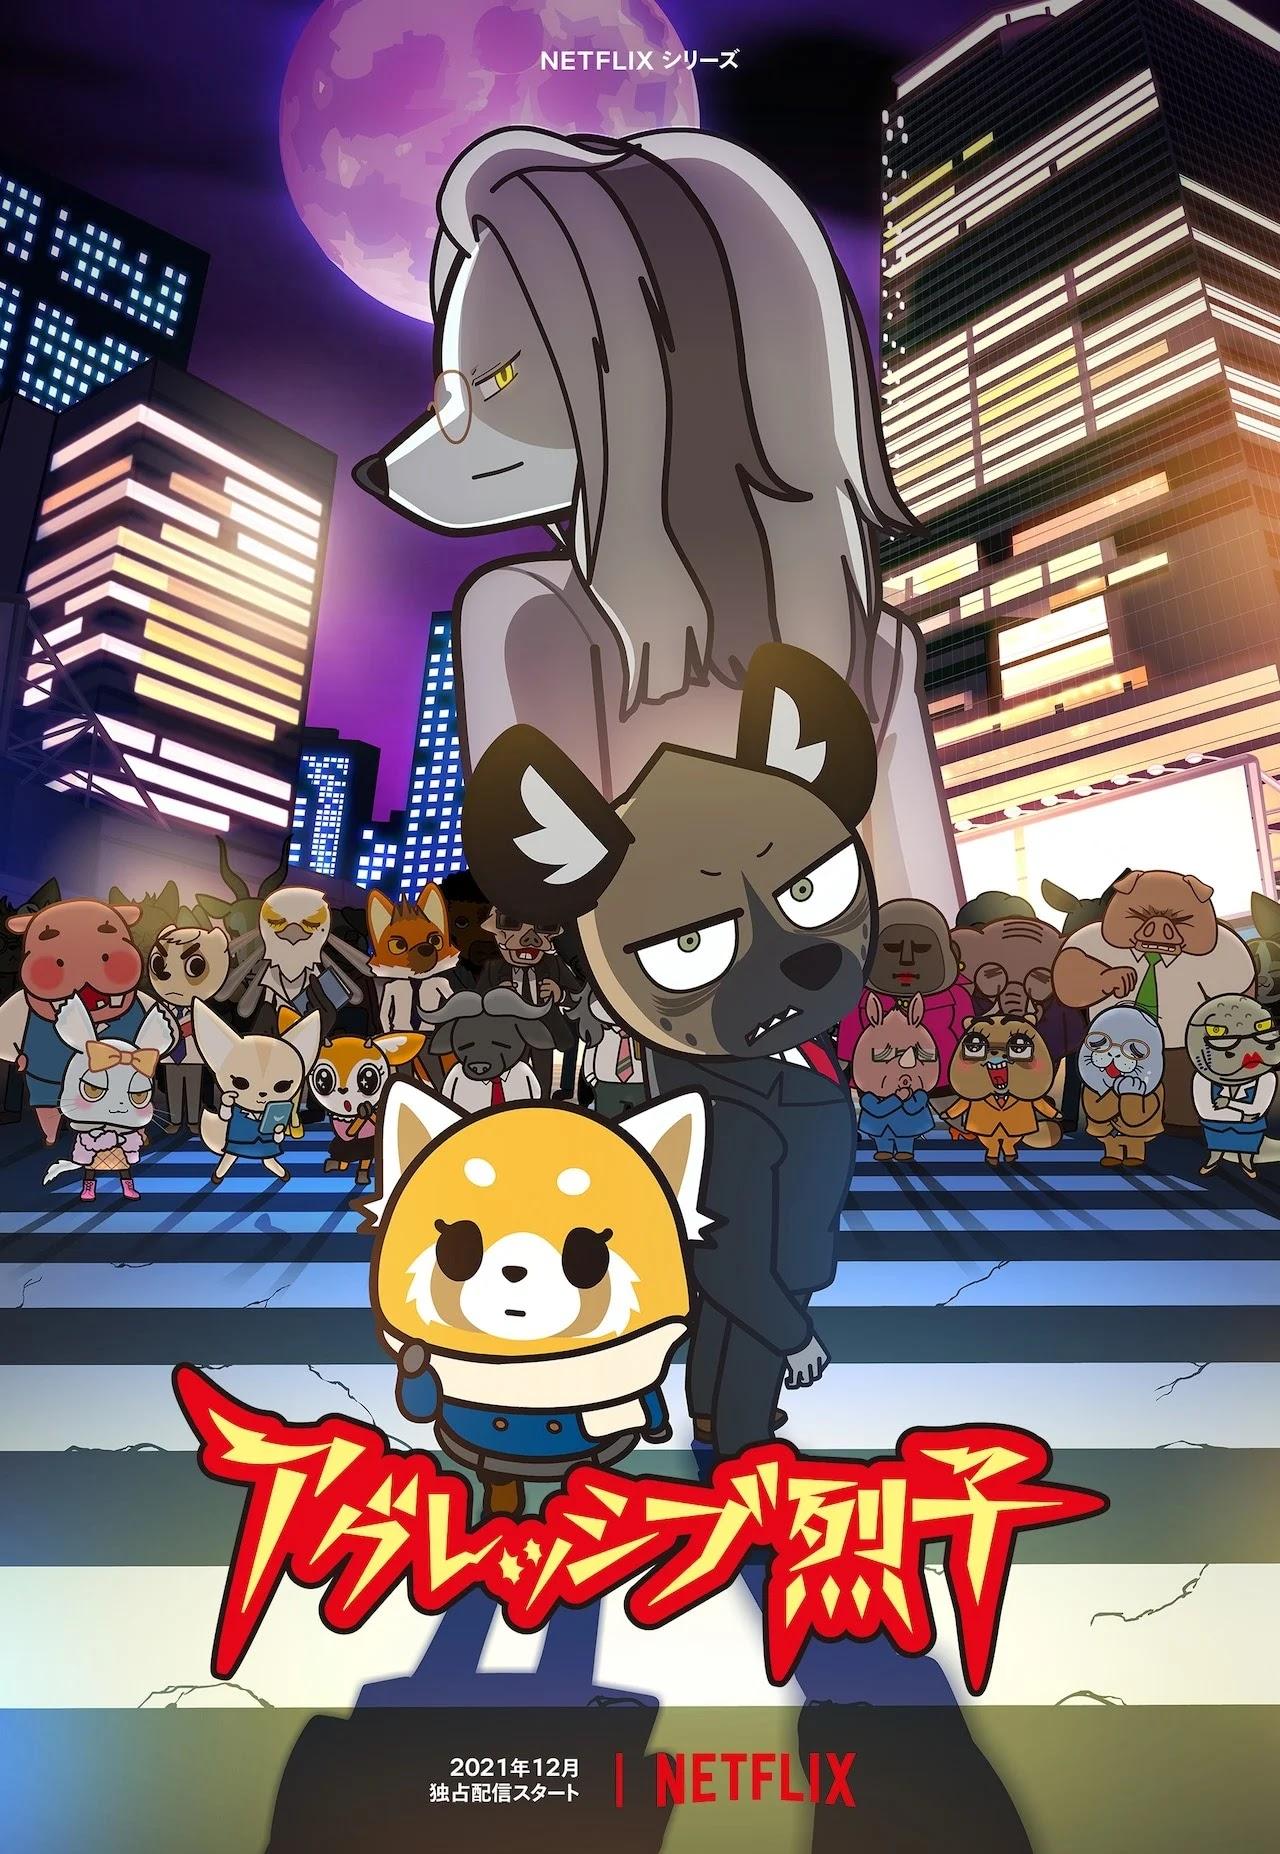 A Quarta Temporada de Aggressive Retsuko estreia em Dezembro